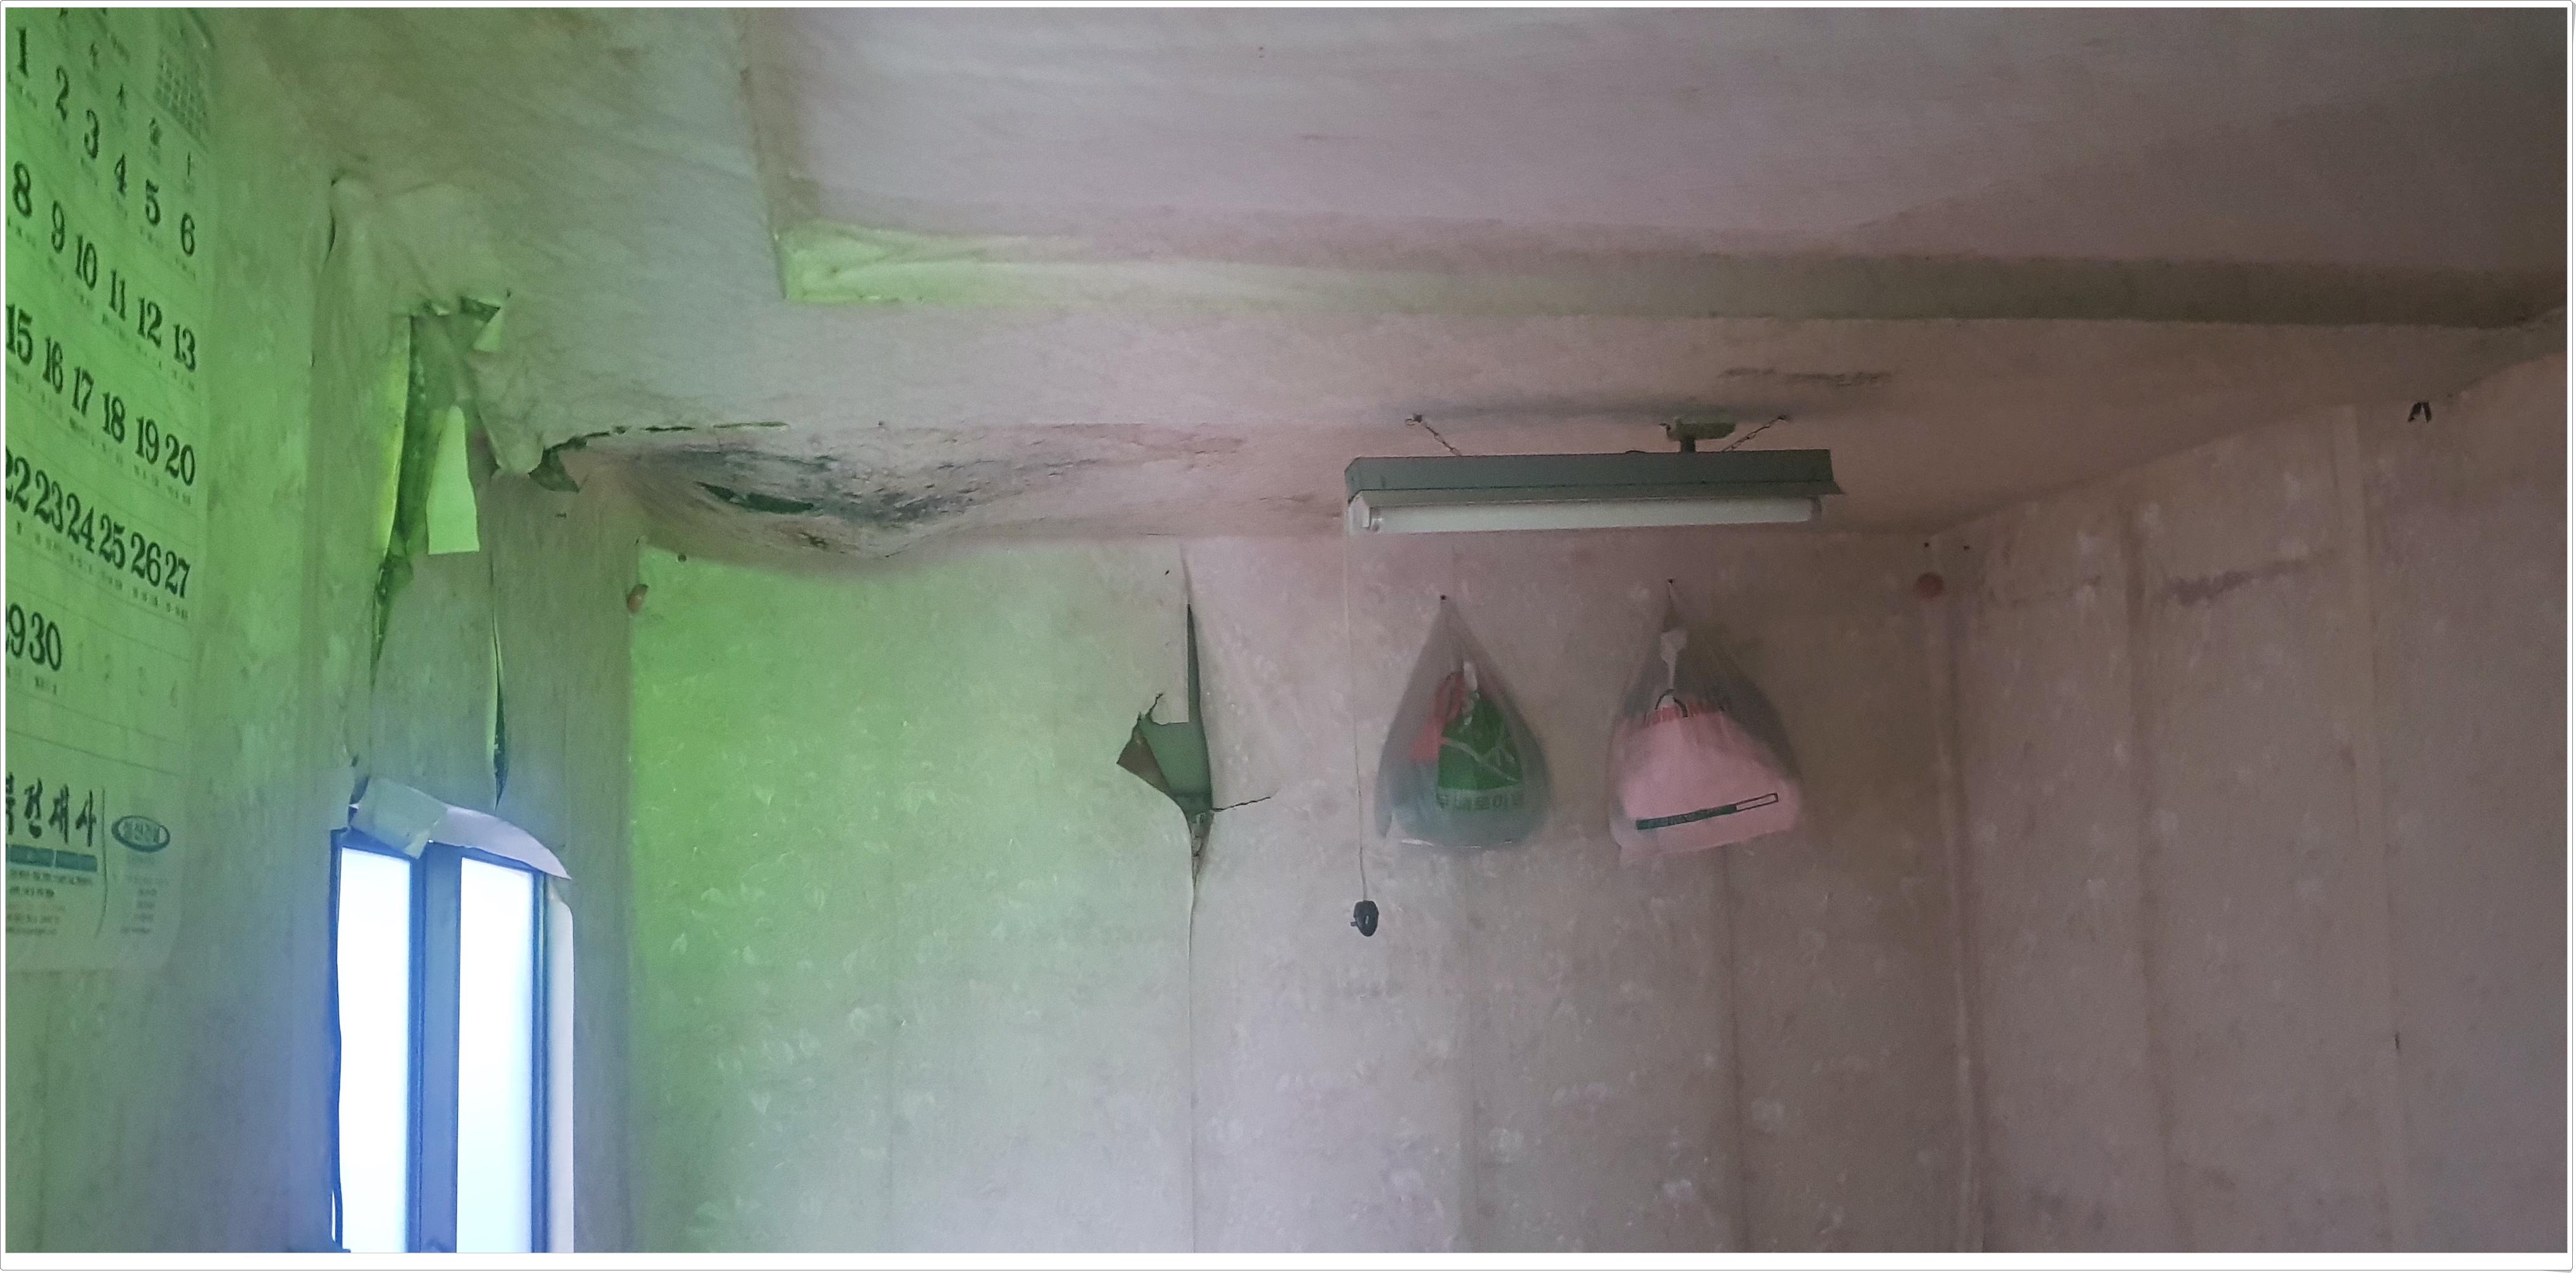 5 번째 사진 단독주택 에  연면적 ㎡ 부산 백양대로 주택 석면조사 현장